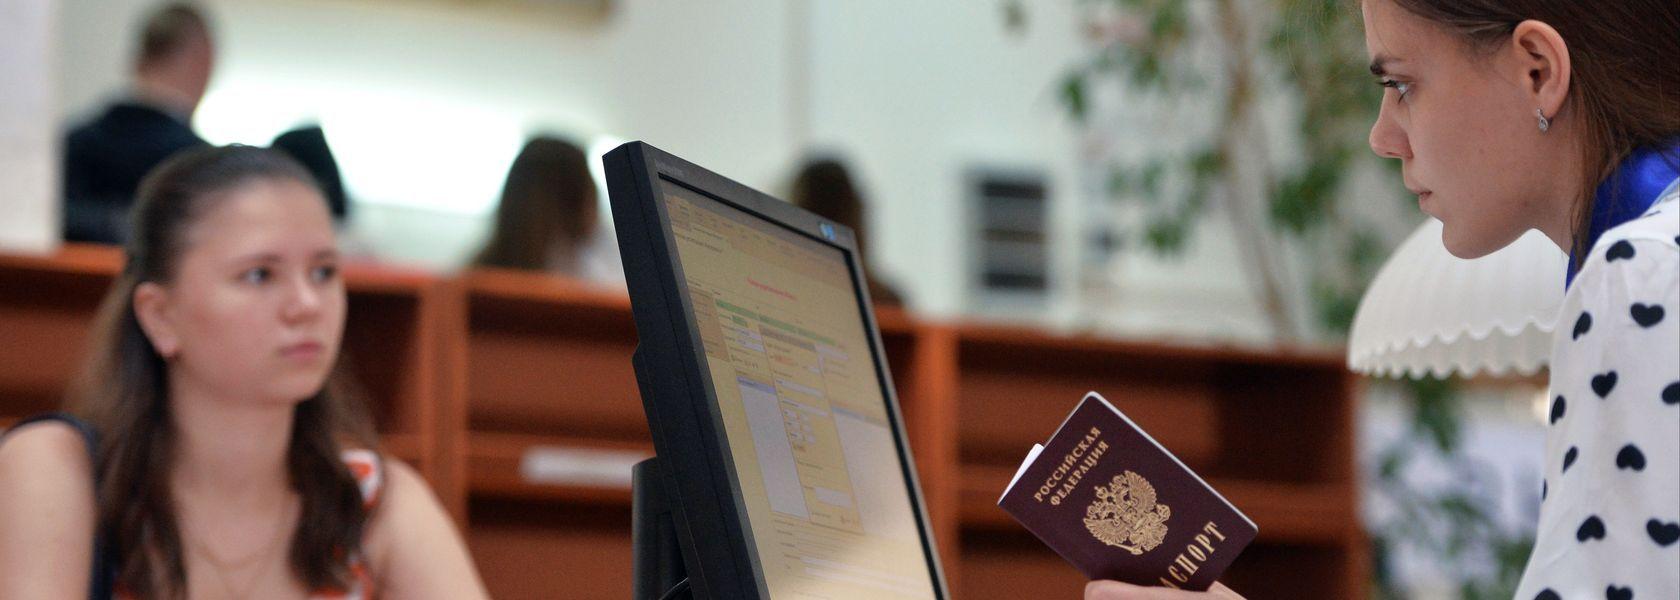 Заявление на поступление в ВУЗ в 2020 году нужно подавать в электронном виде